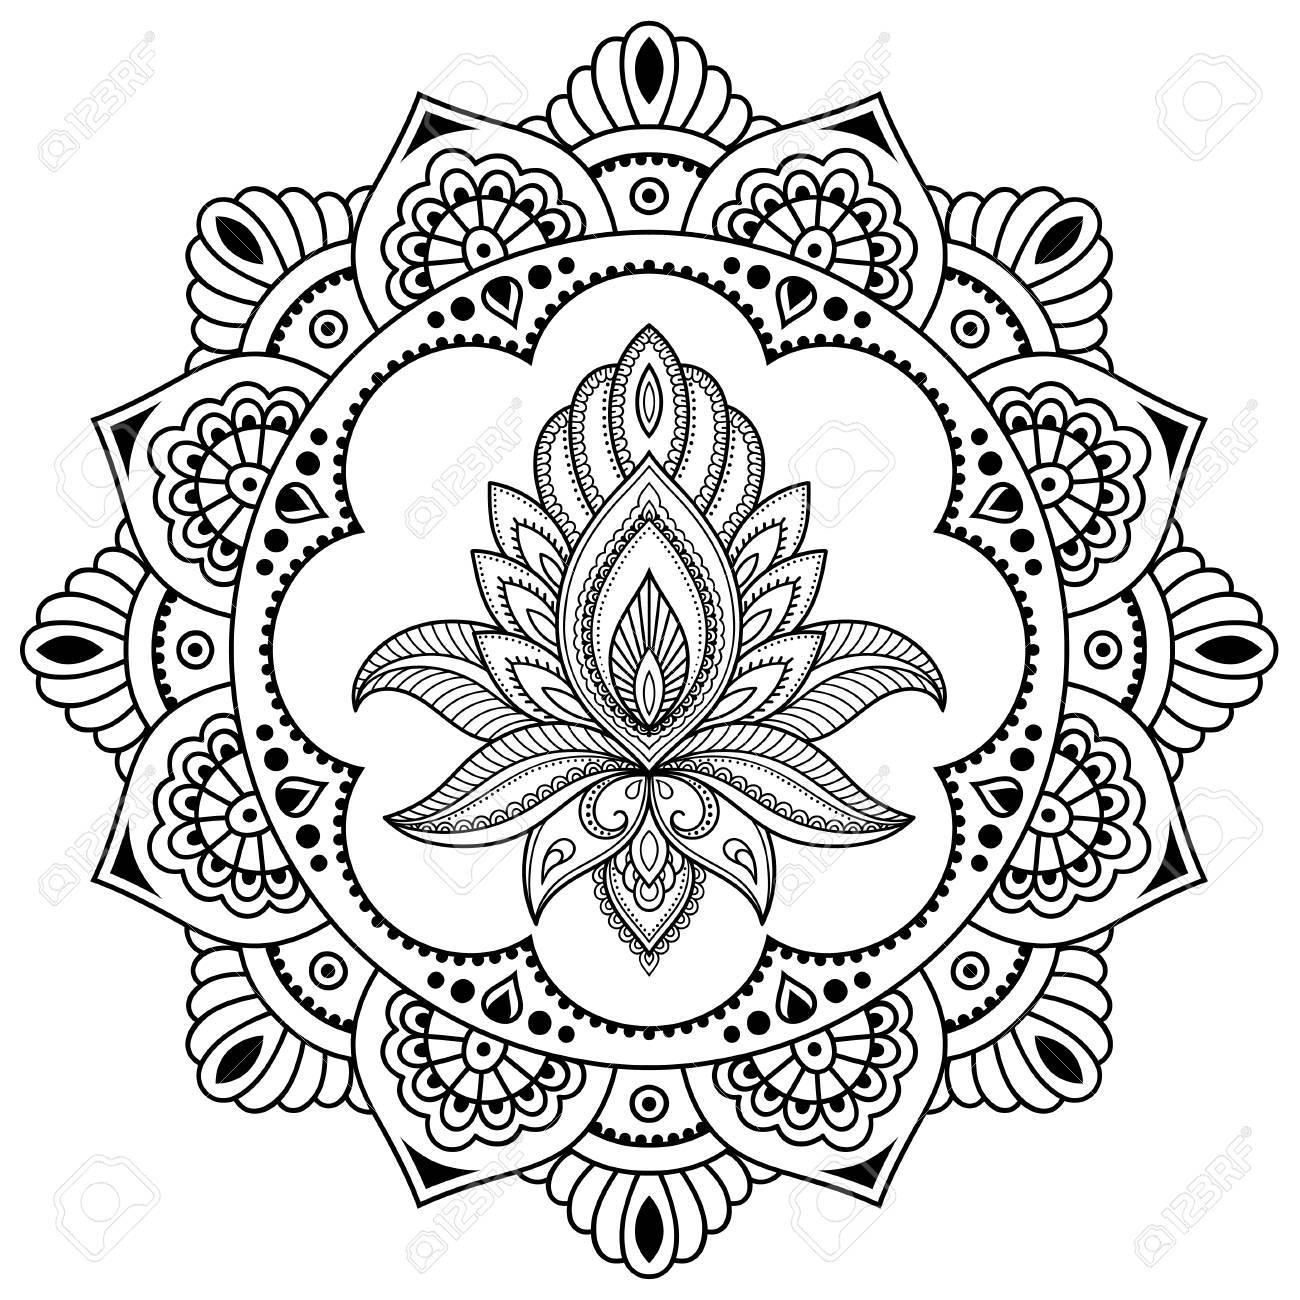 Un Patrón Circular En Forma De Mandala Plantilla De La Flor Del